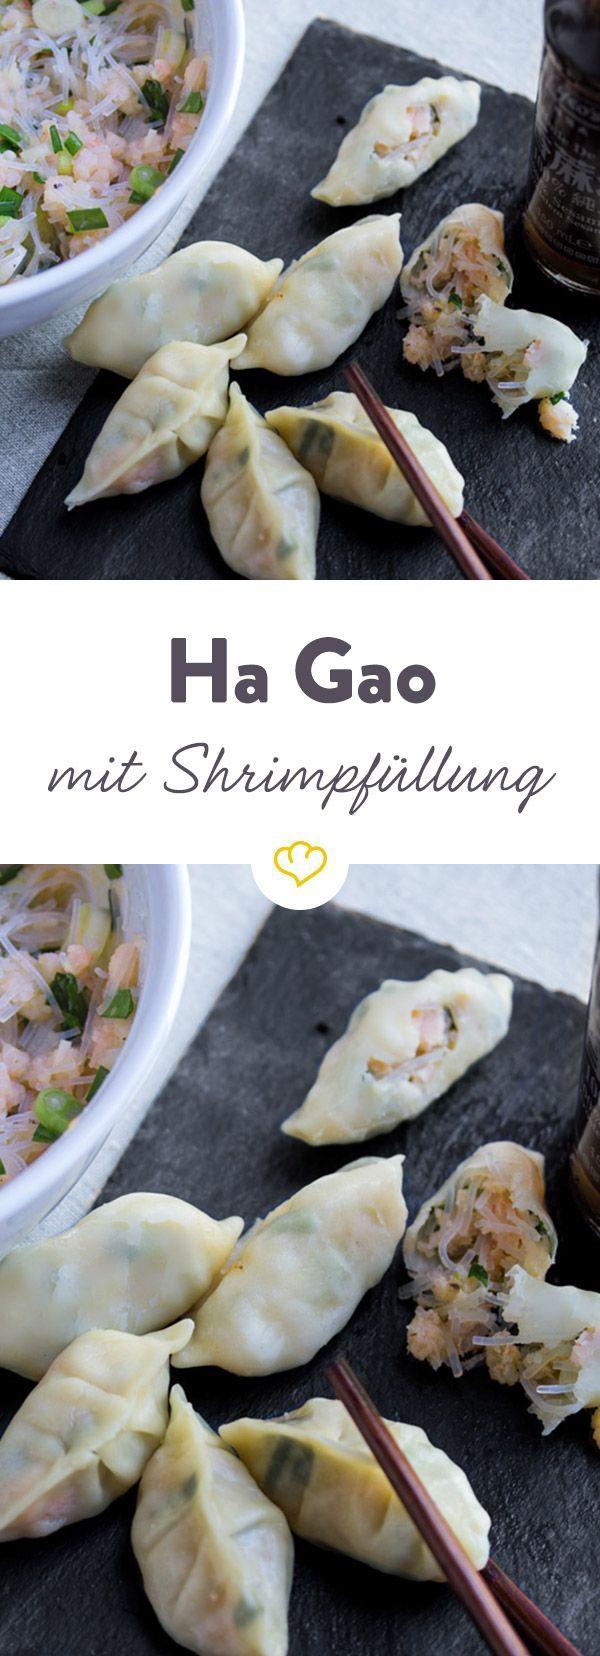 Ha Gao – Gedämpfte Teigtaschen mit Shrimp-Füllung